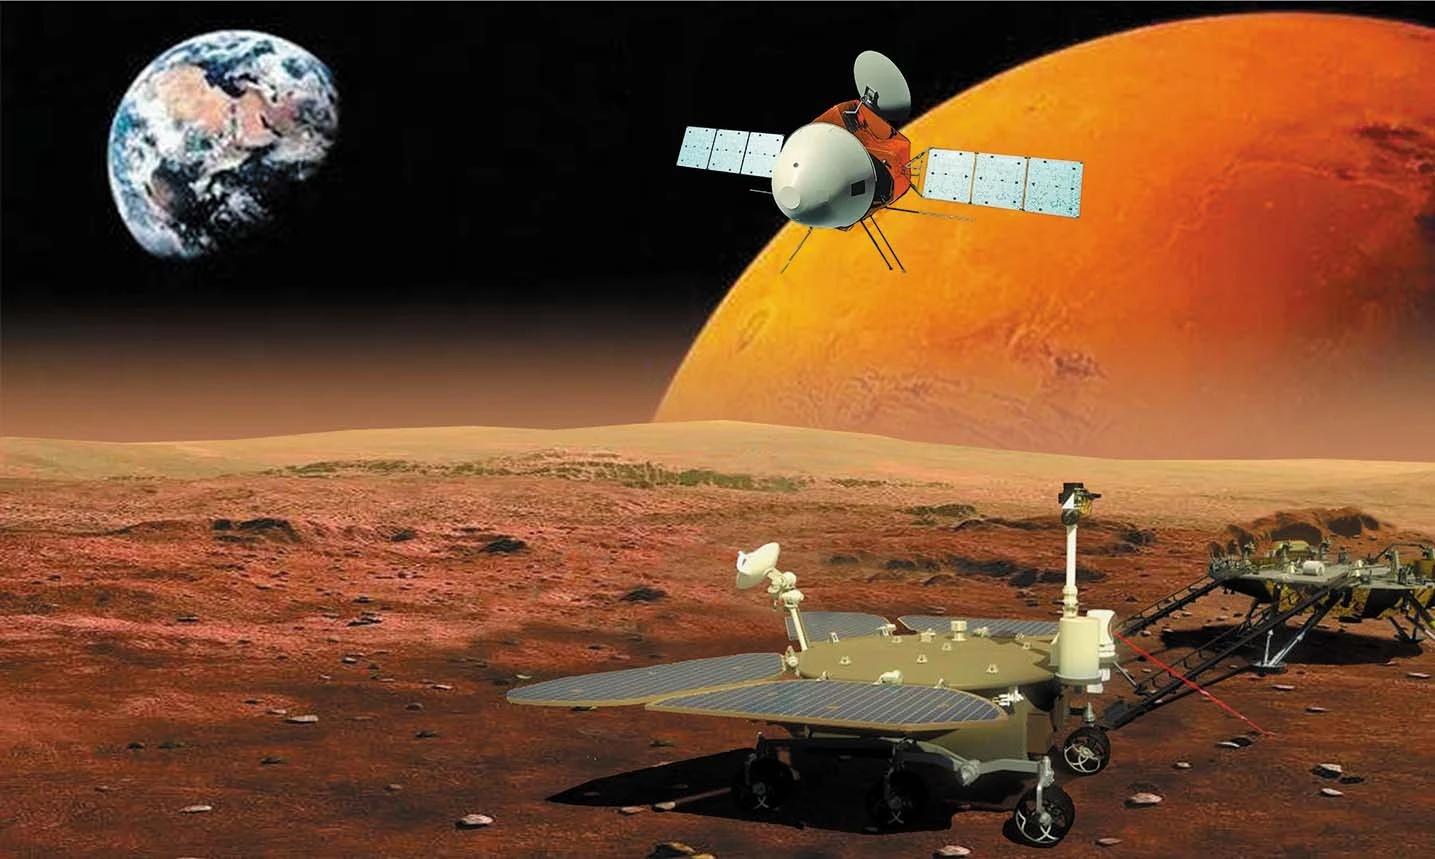 Китай успешно запустил к Марсу исследовательский комплекс «Тяньвэнь-1»